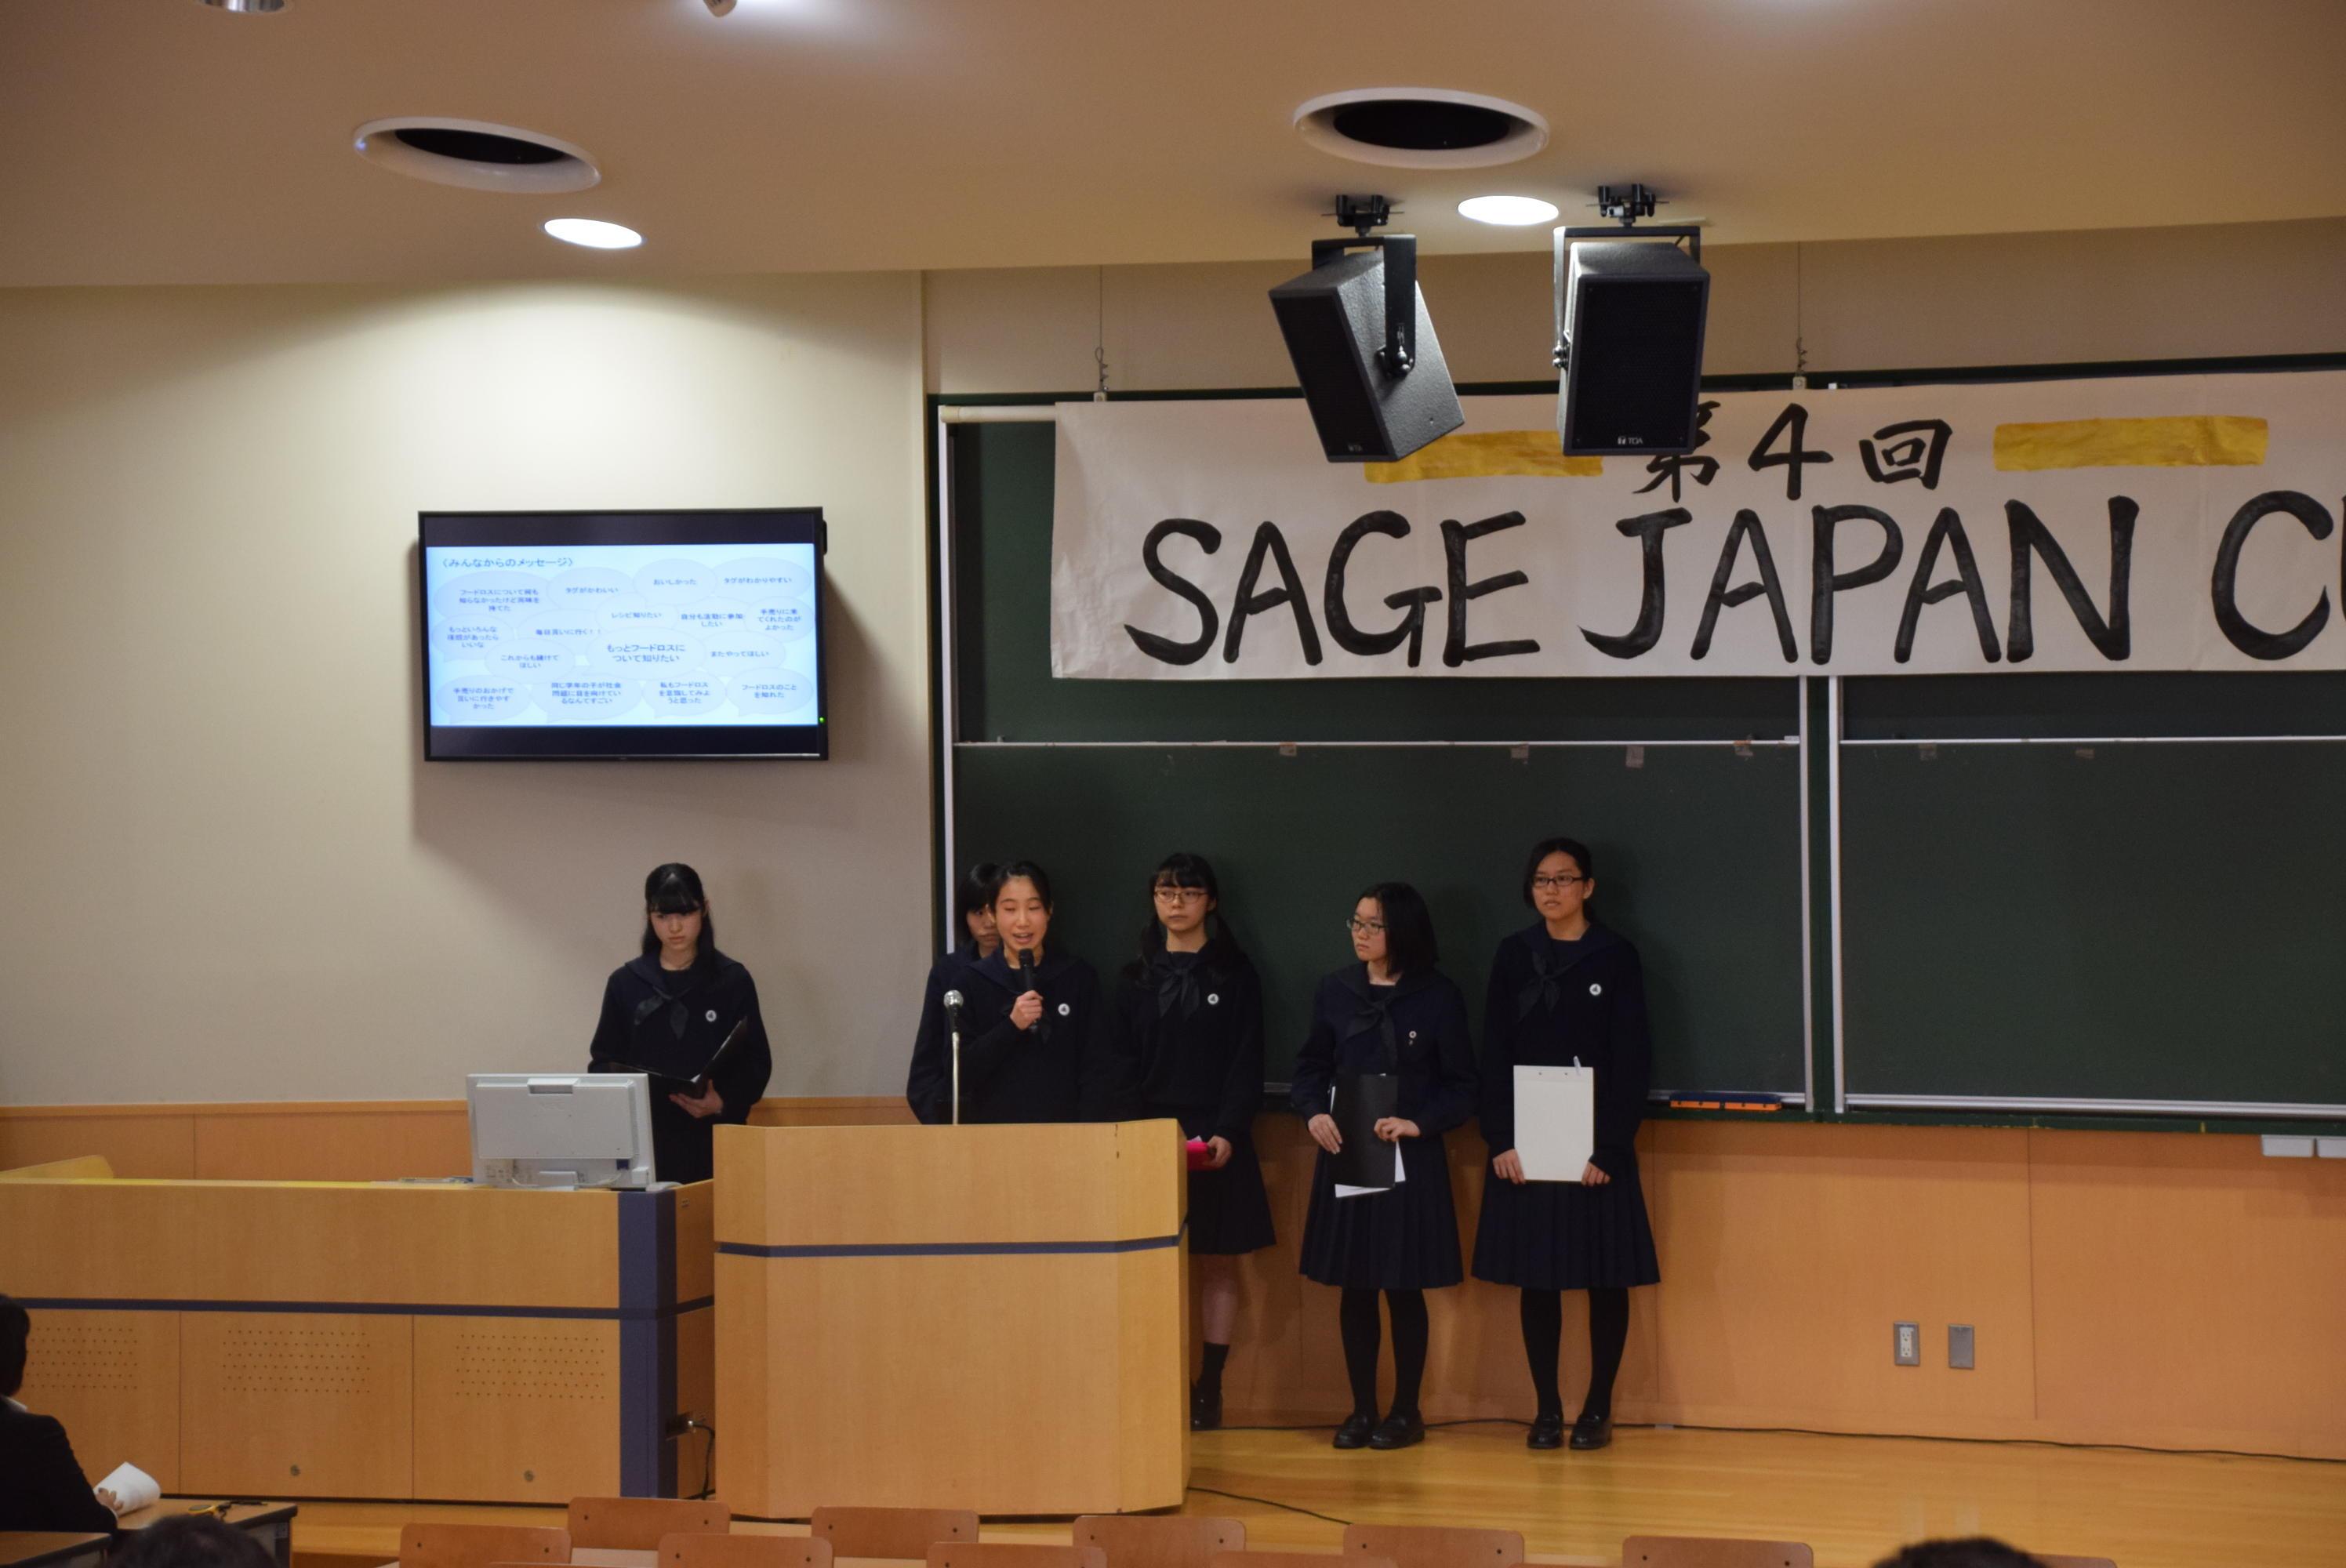 高校生が社会貢献事業のプランを提案 -- 創価大学で3月21日に「第5回SAGE JAPAN CUP」を開催